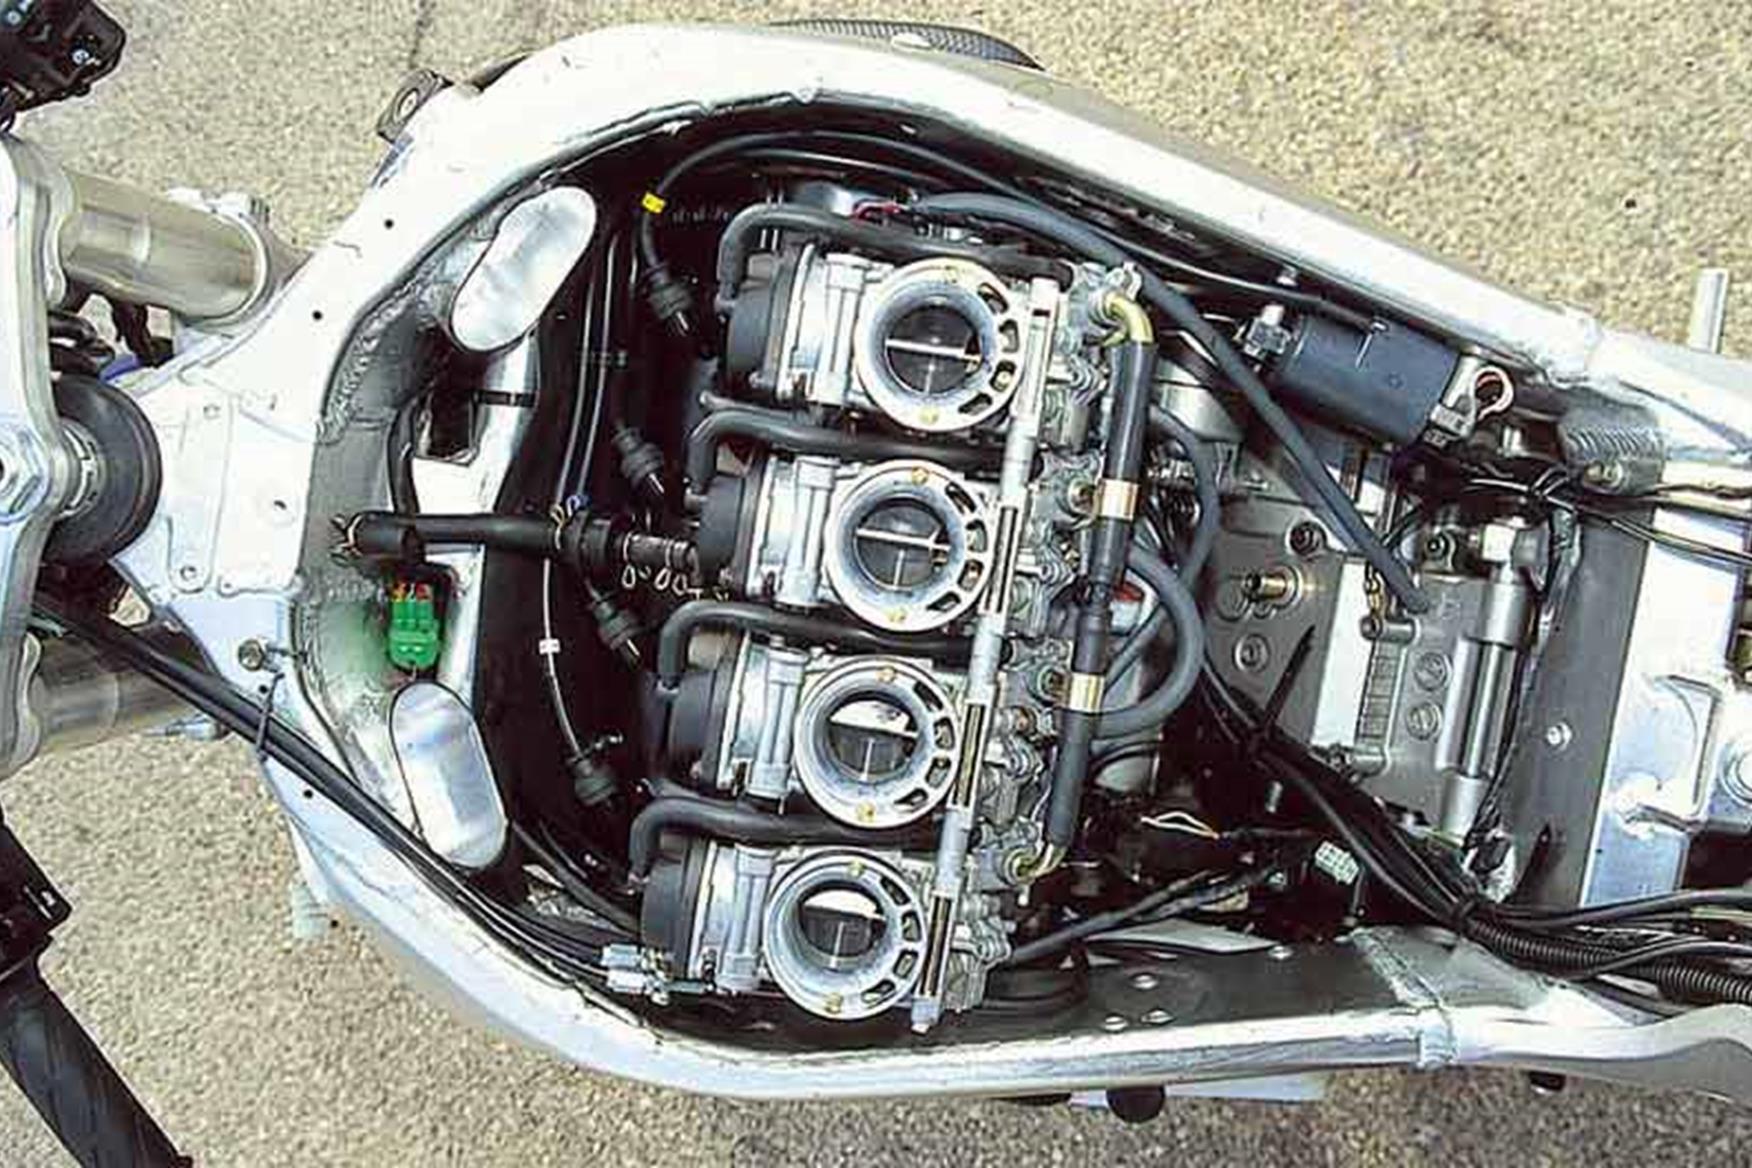 1992 Gsxr 750 Engine Diagram | Wiring Diagram